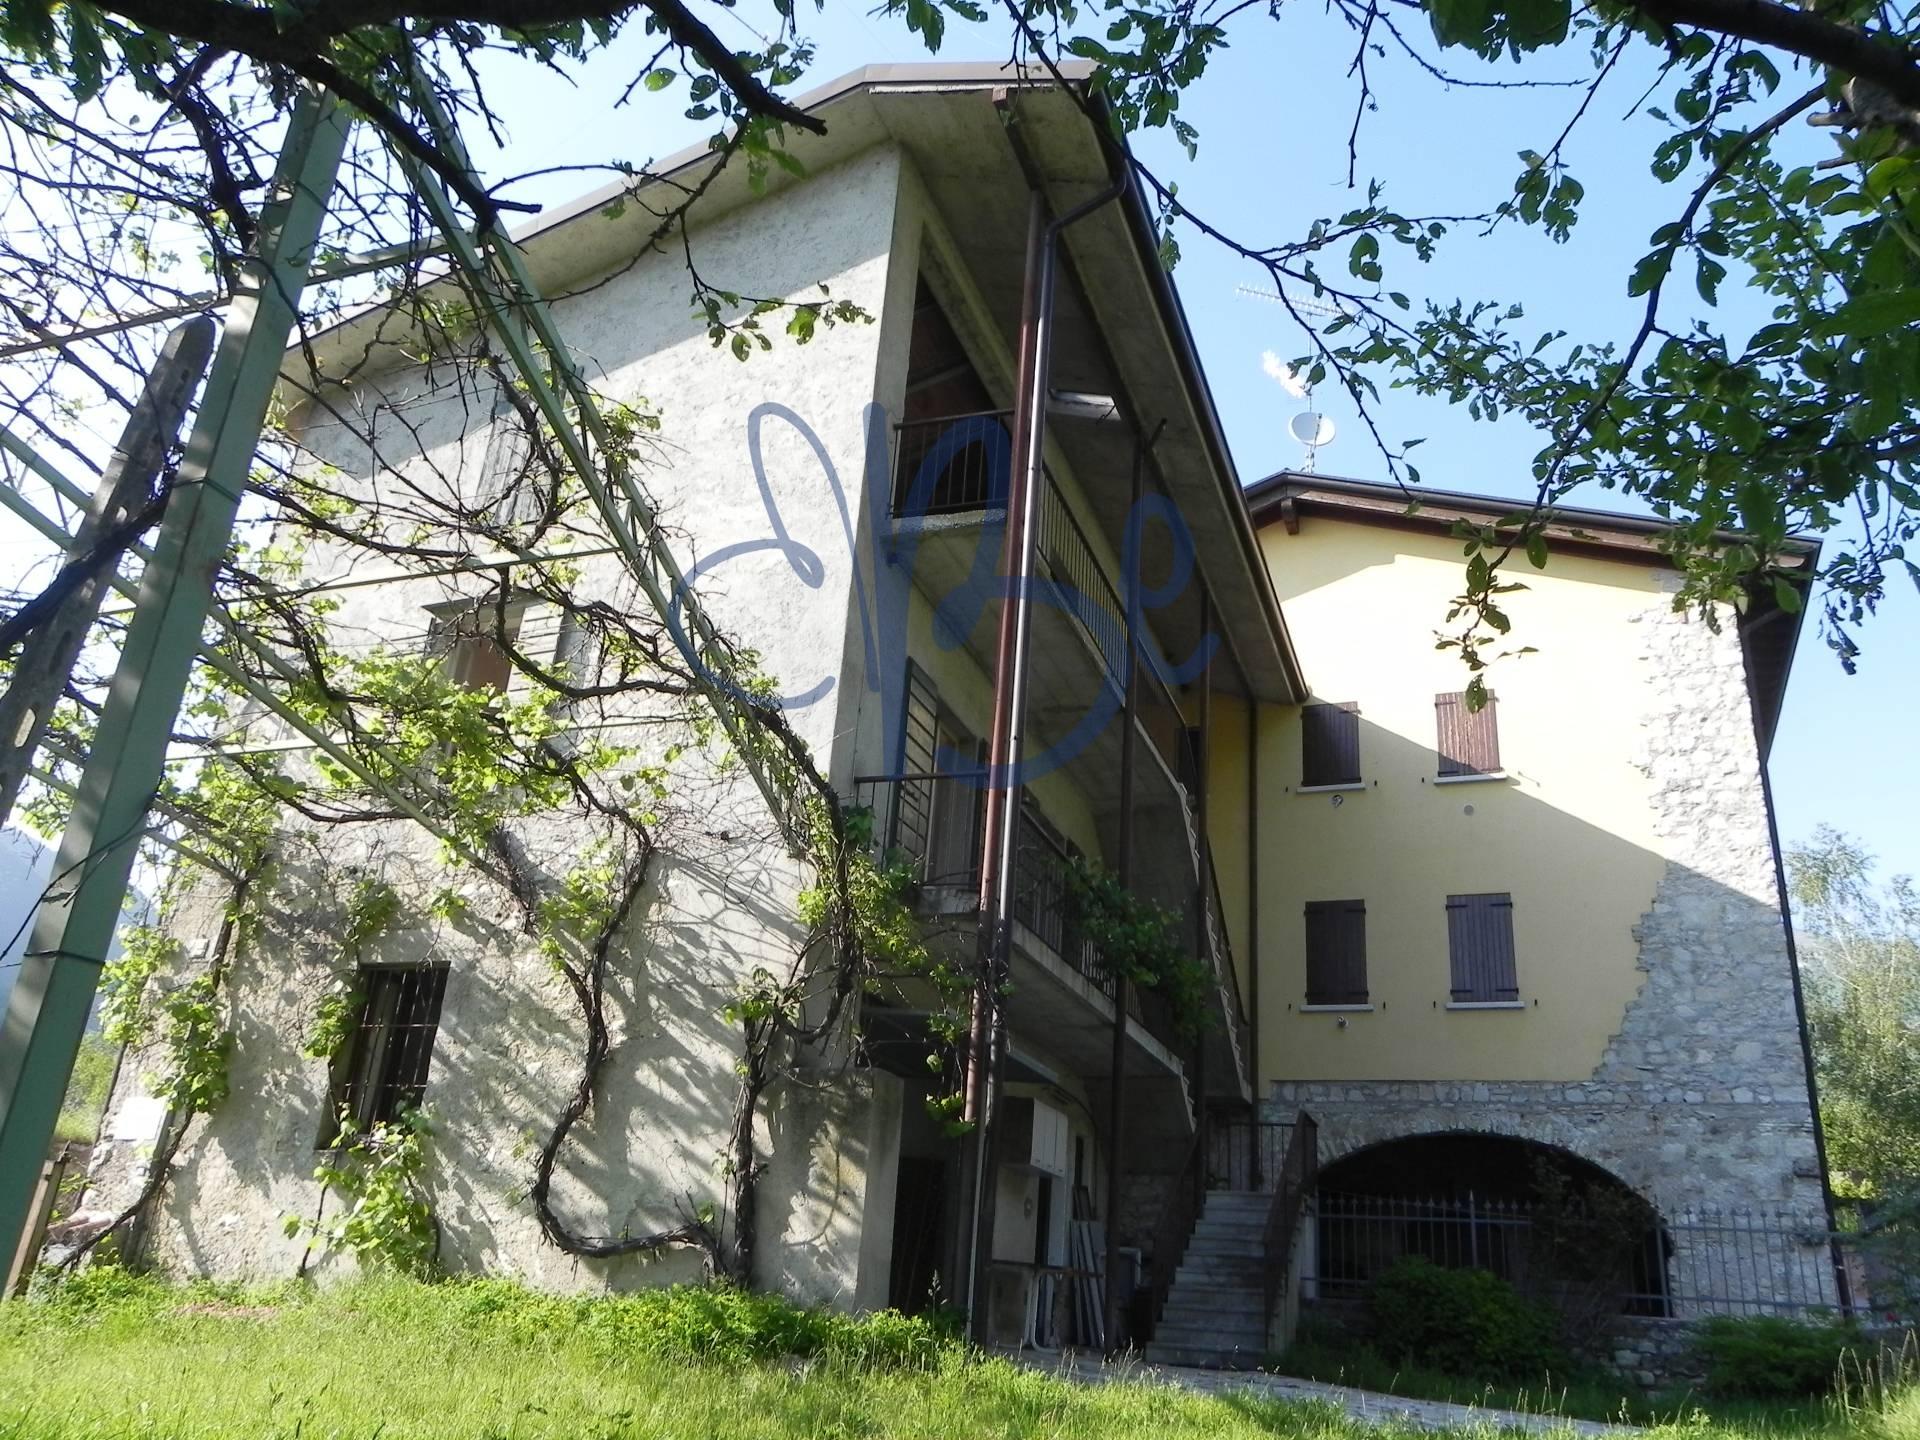 Rustico / Casale in vendita a Gardone Riviera, 3 locali, zona Località: SanMichele, prezzo € 165.000 | Cambio Casa.it